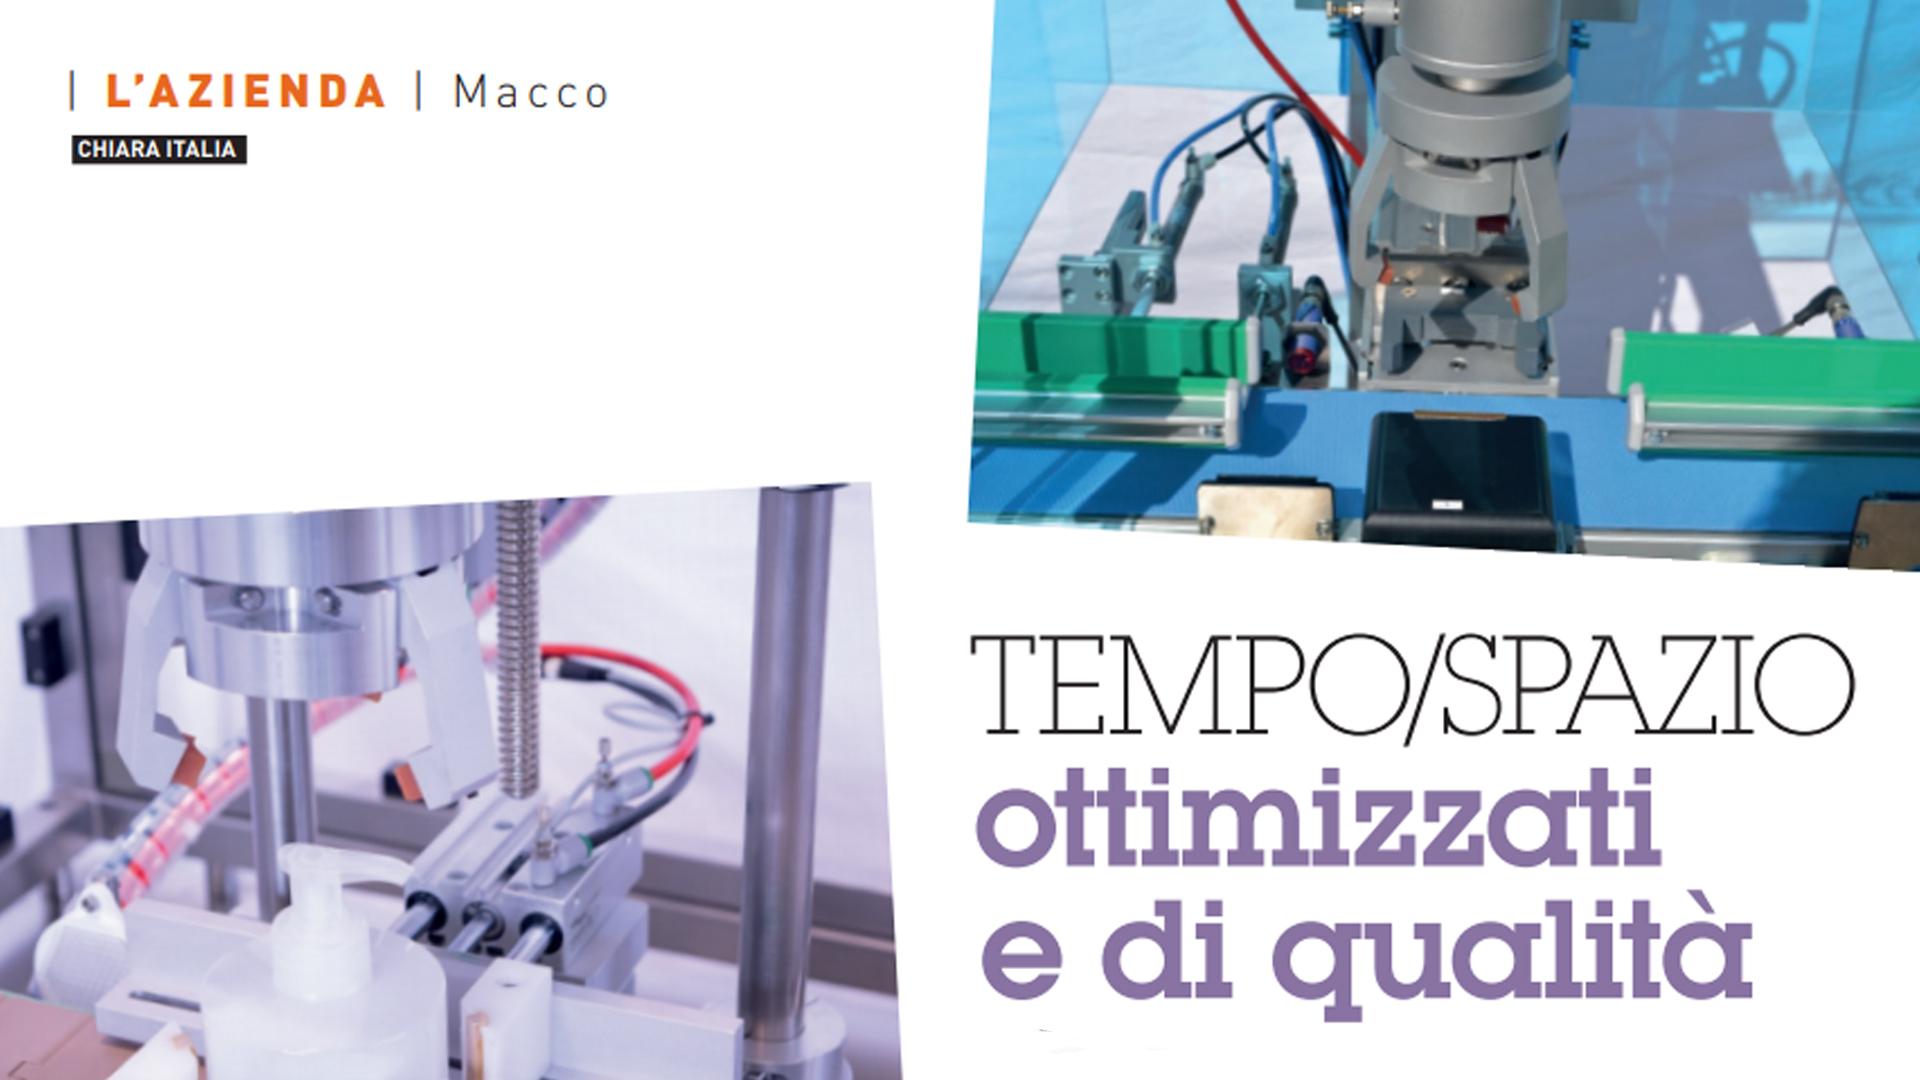 TEMPO/SPAZIO ottimizzati e di qualità – Kosmetica 6, Settembre 2019